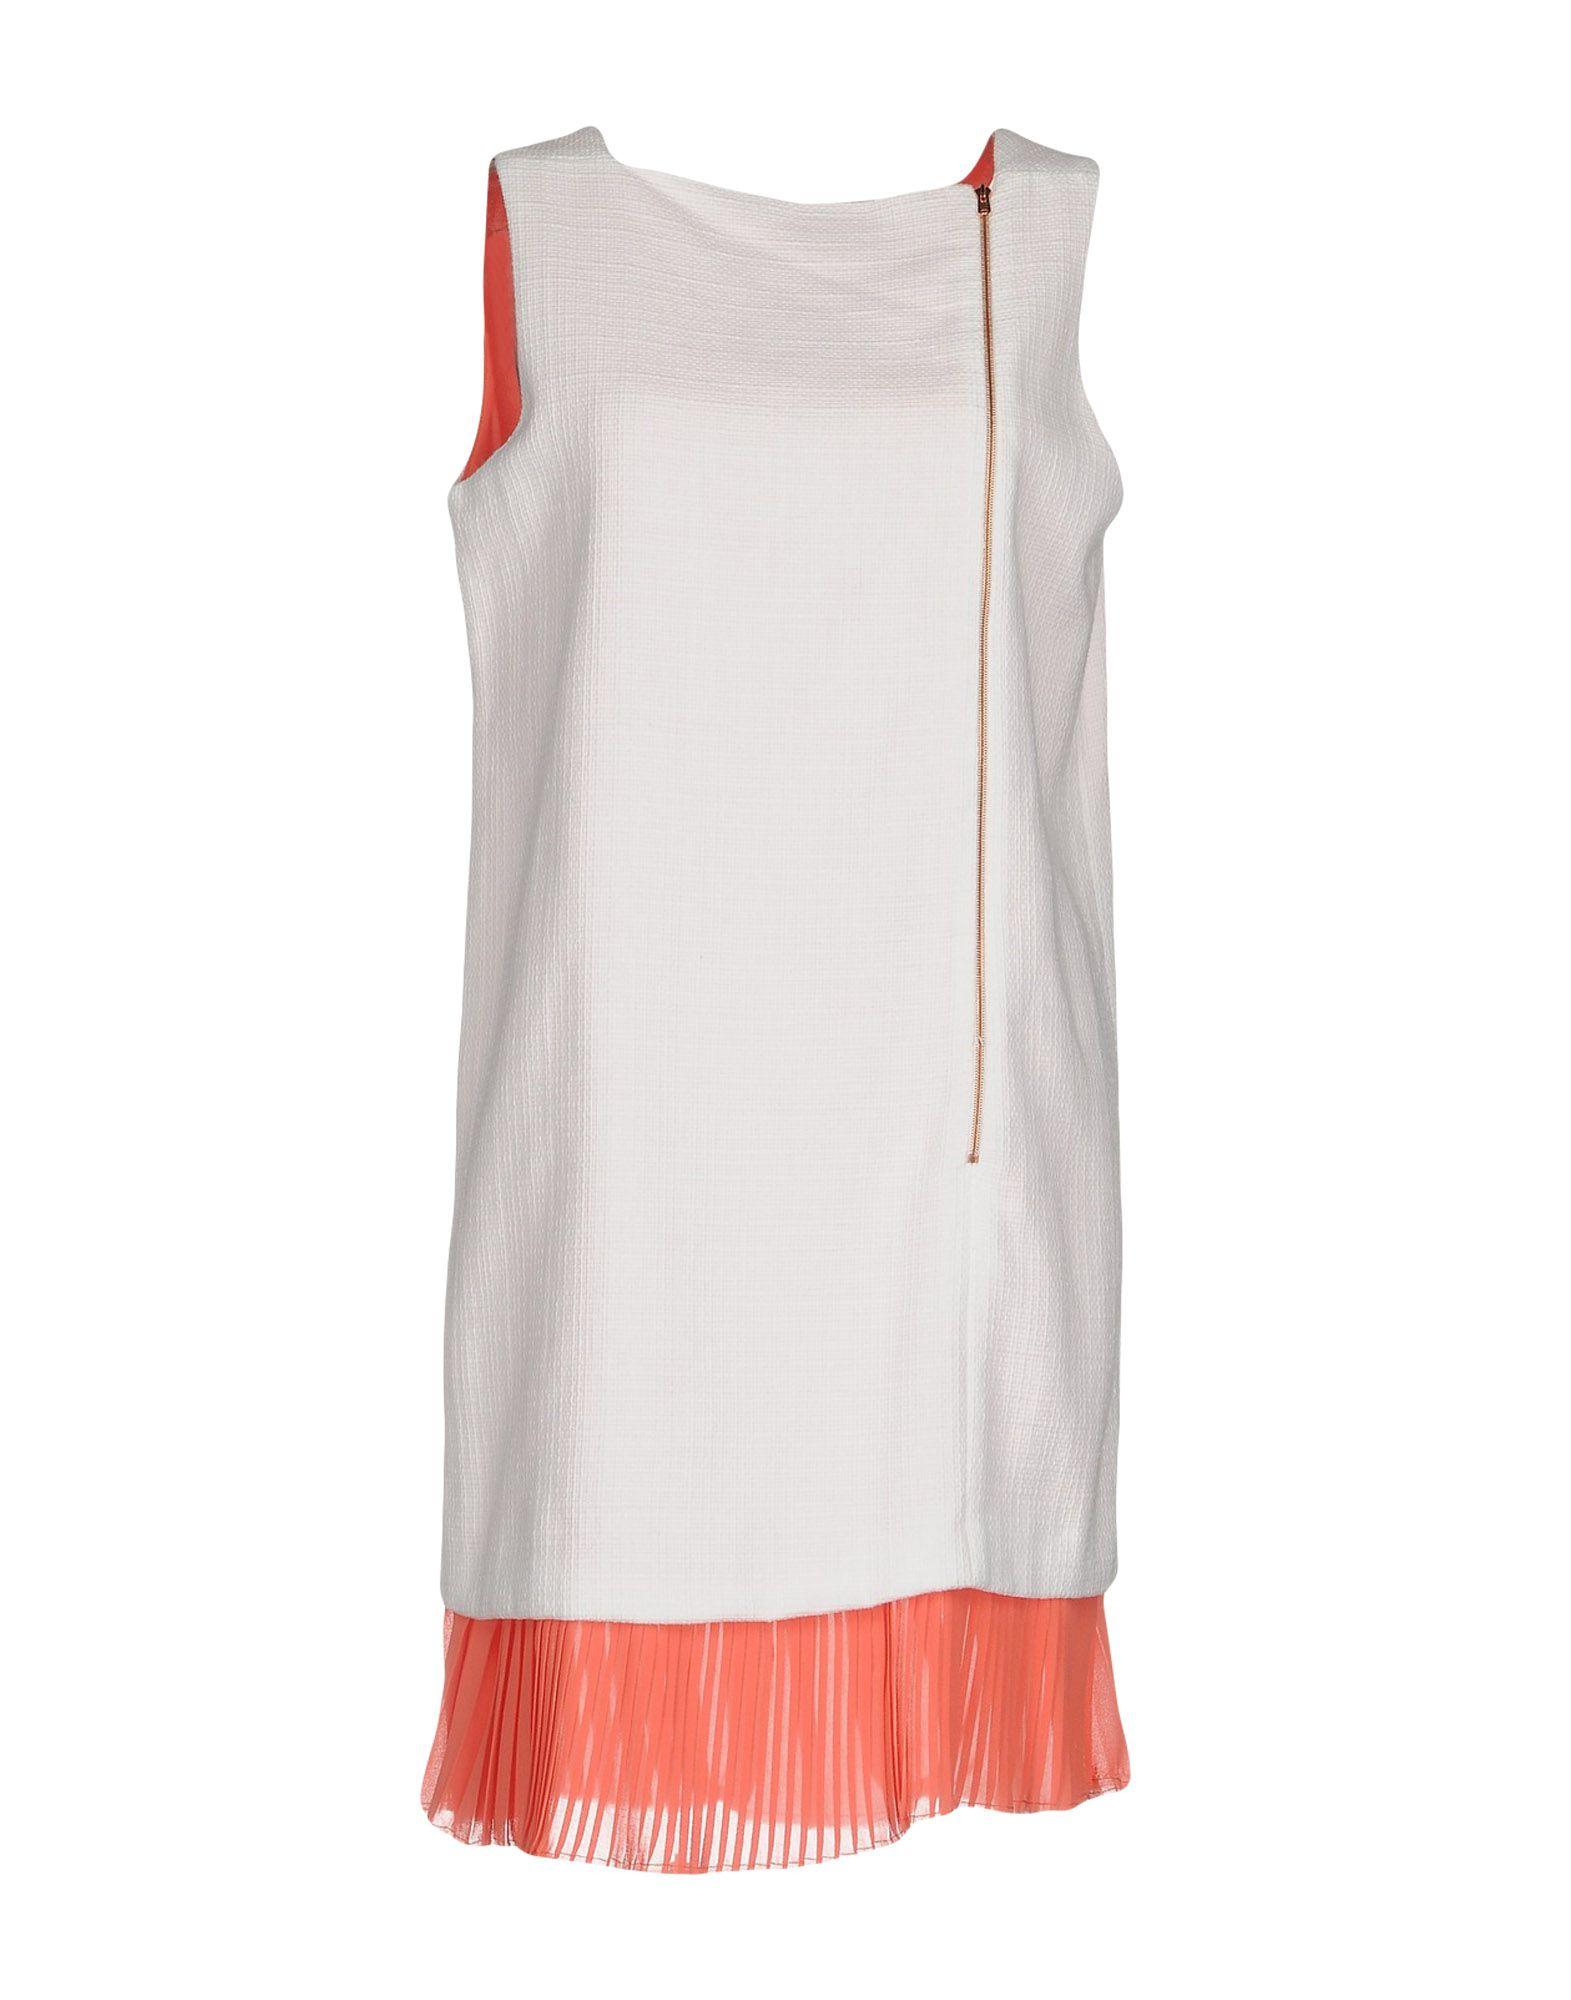 Vestito Corto Chicca Lualdi Beequeen Donna - Acquista online su f8H3tr